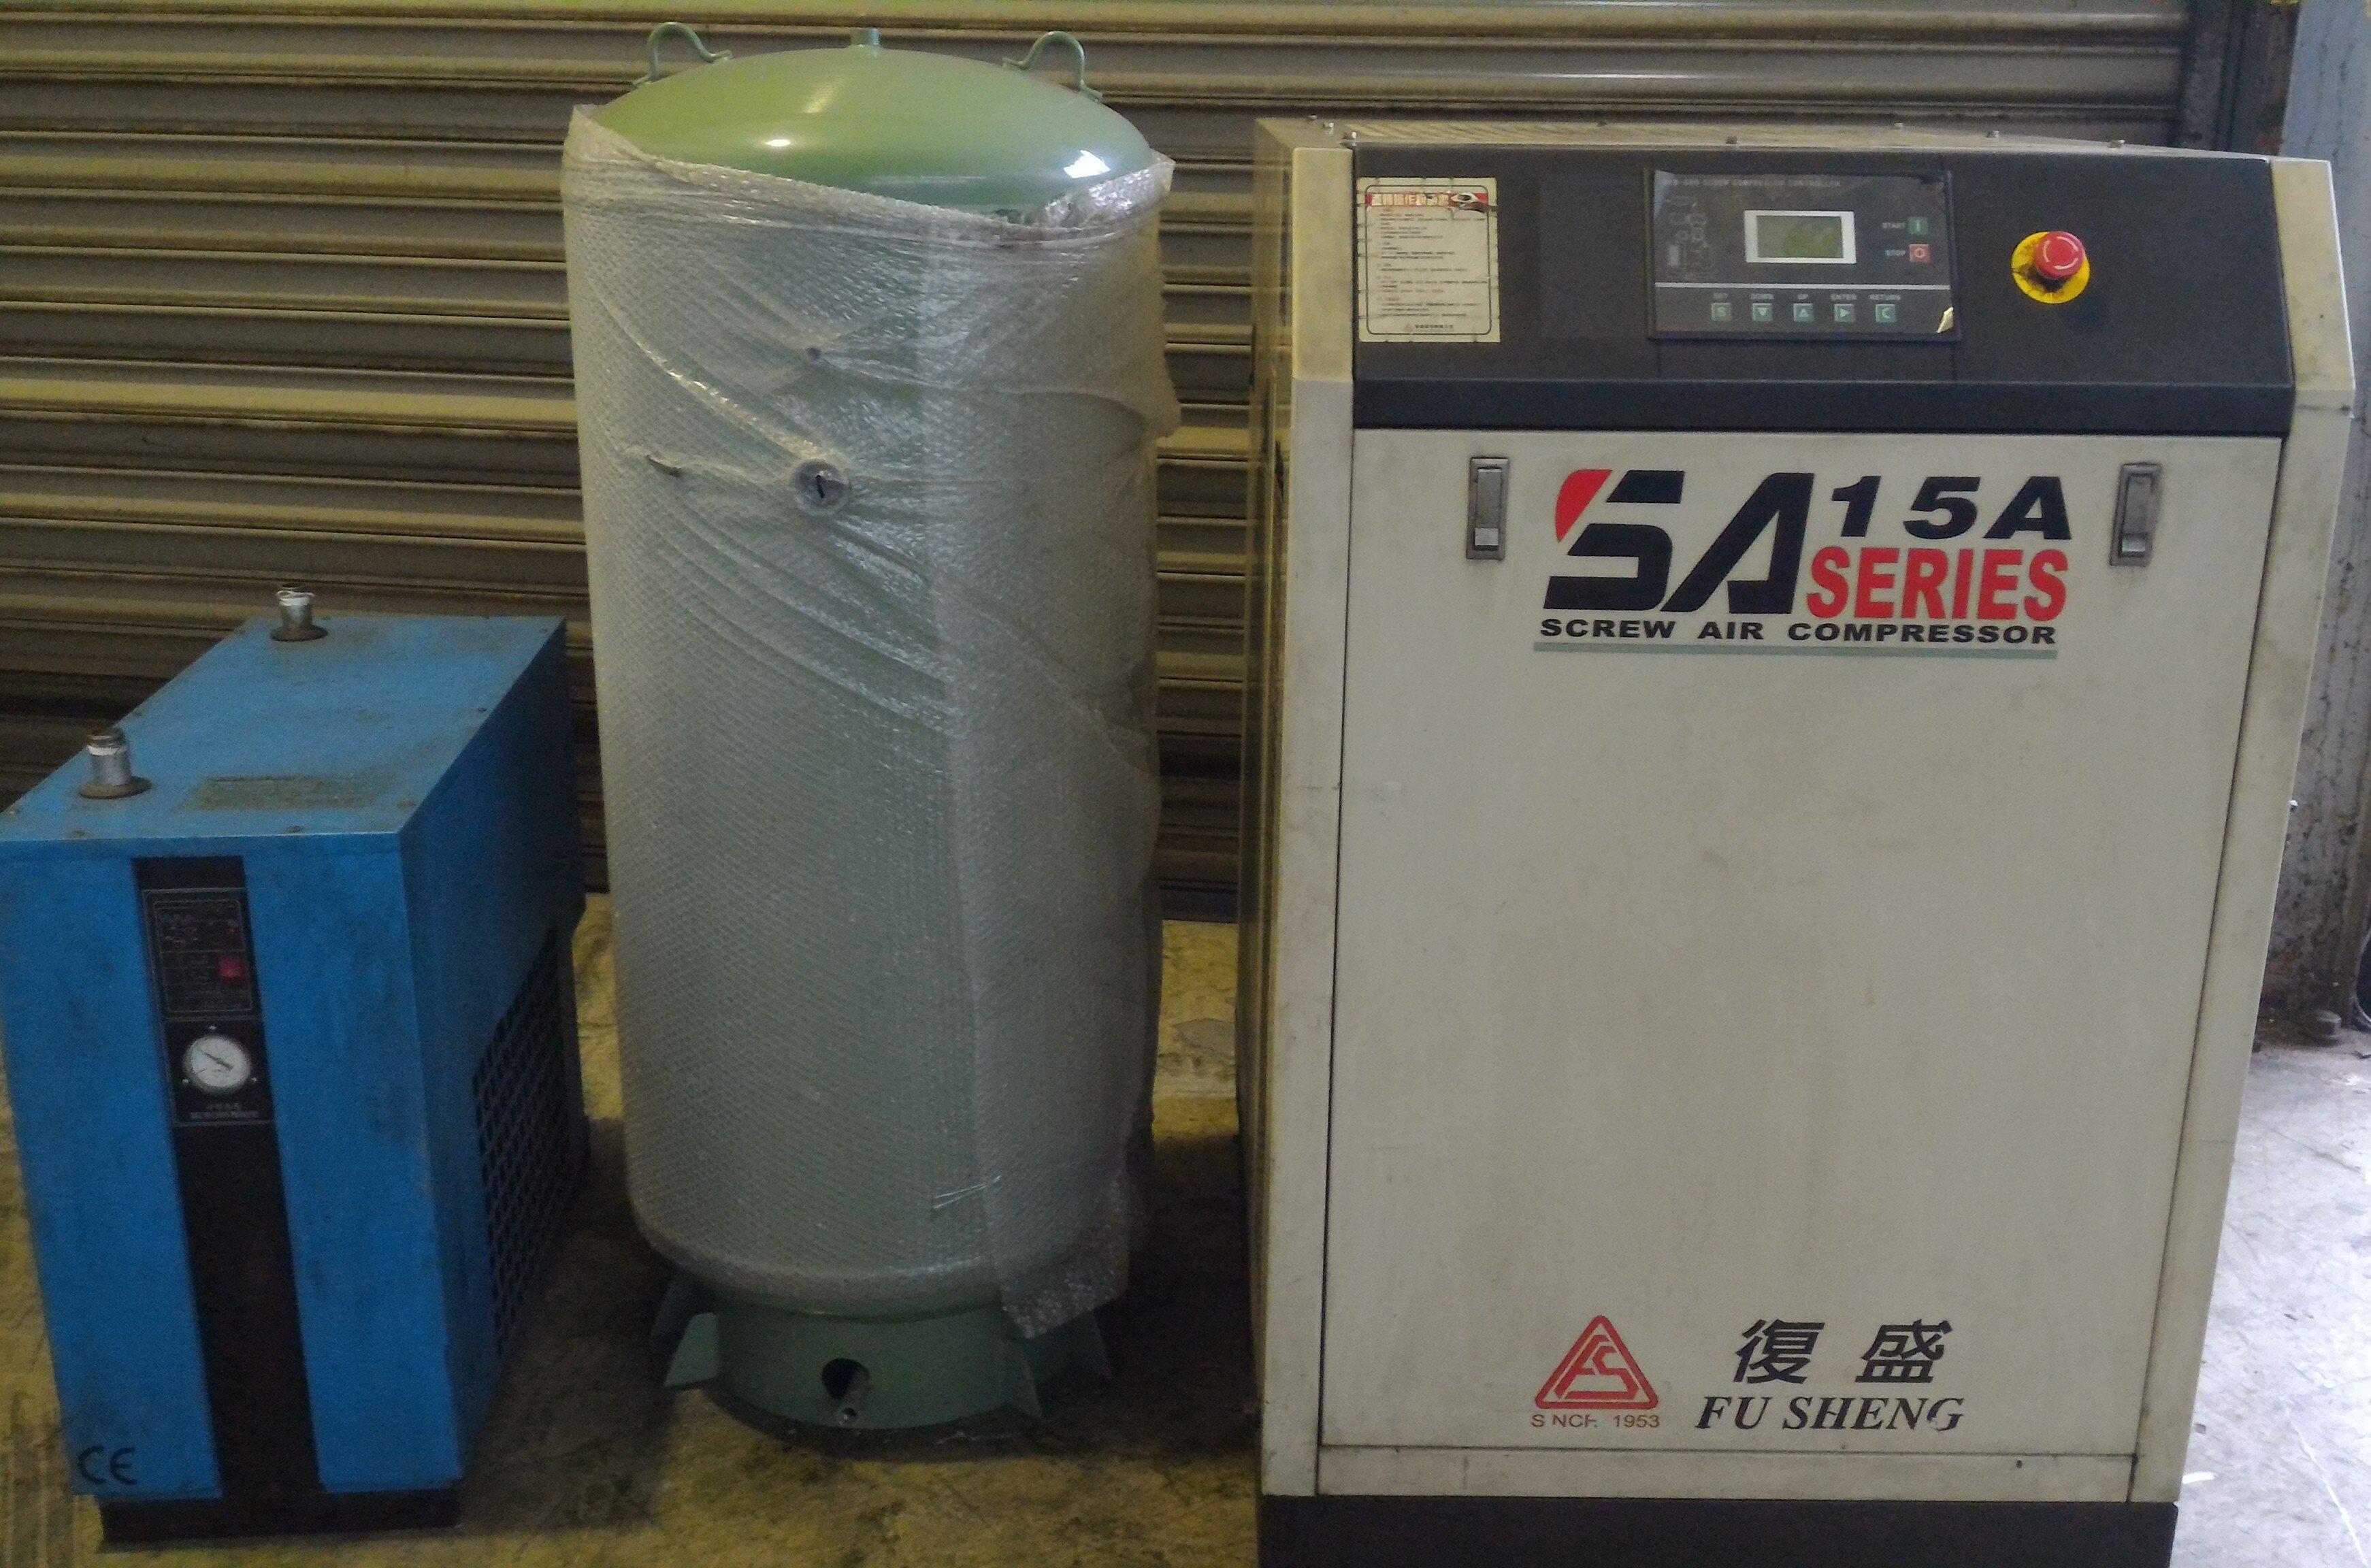 國內知名大廠復盛 20HP螺旋式空壓機(三相 220V 含360L儲氣桶  創業好選擇)